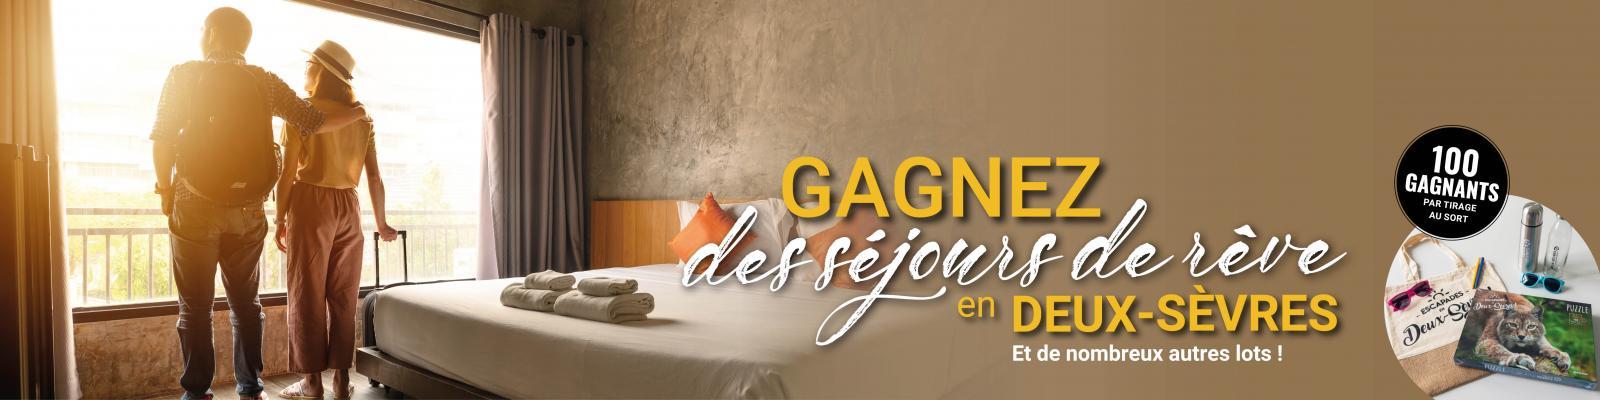 Jeu concours 2021 : Gagnez un séjour en Deux-Sèvres !